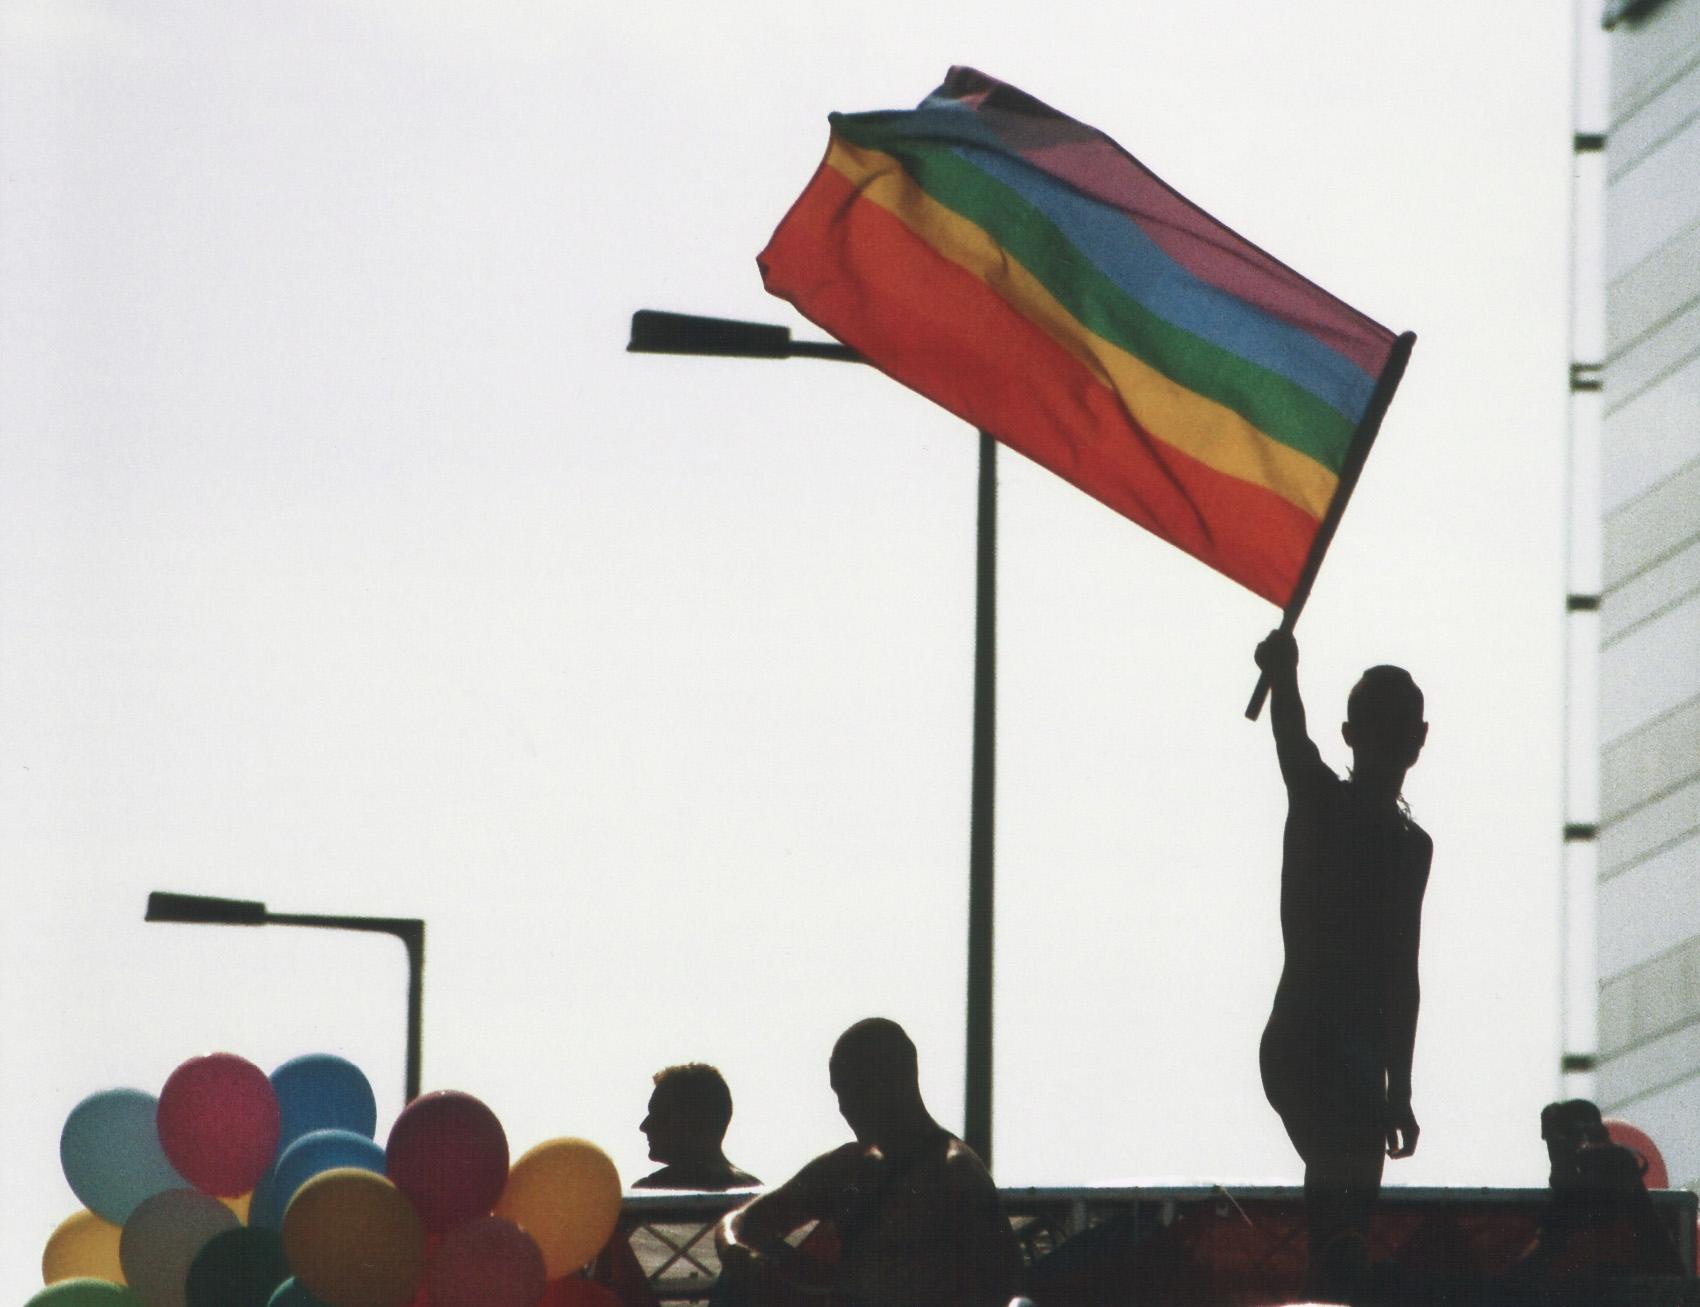 Cómo se Diseñó la Estrategia Homosexual que está Cambiando la Moralidad Occidental